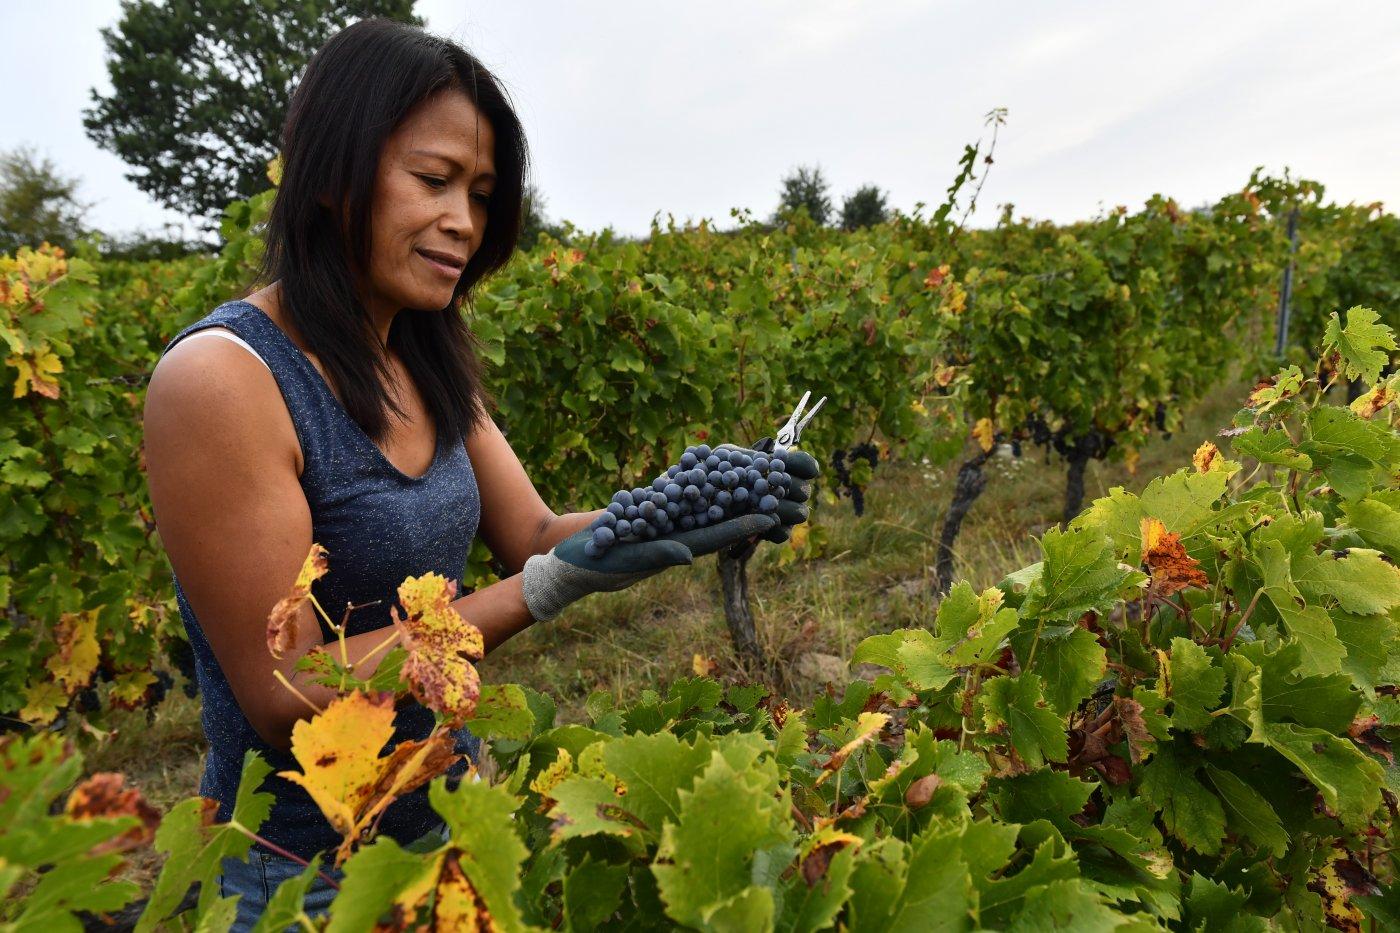 chateau-pre-lande-des-vendanges-manuelles-pour-prendre-soin-des-raisins